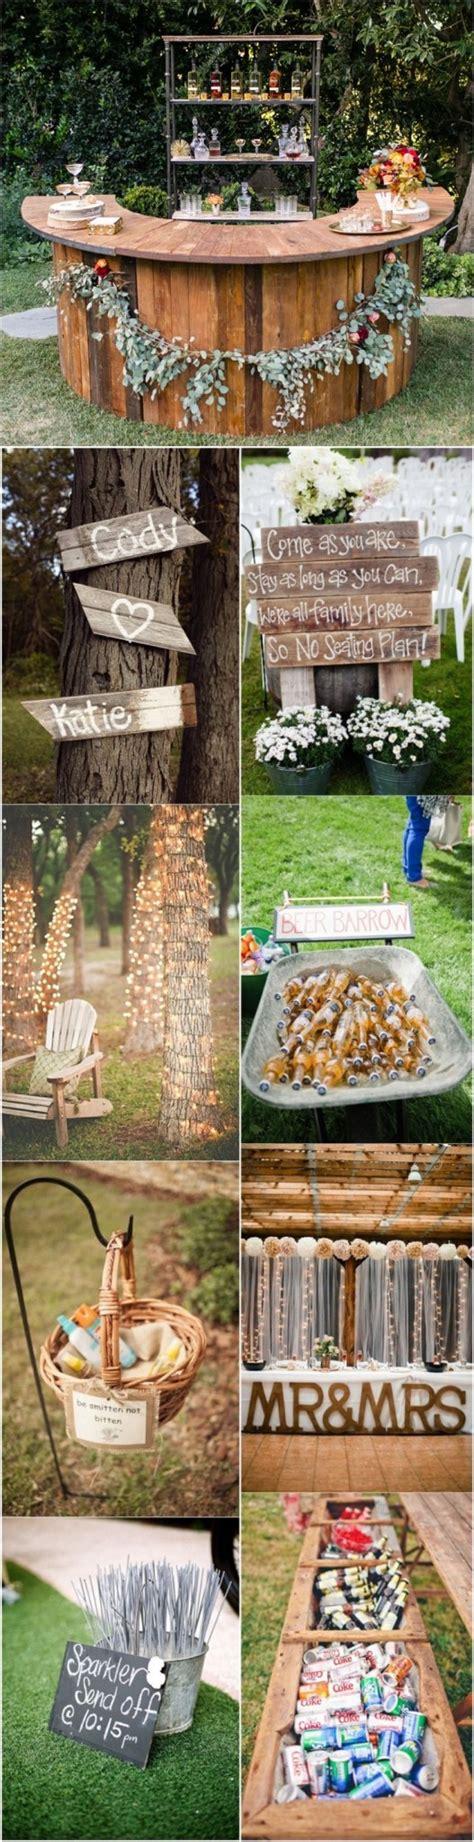 Ideas For Outdoor Wedding Reception by 20 Genius Outdoor Wedding Ideas